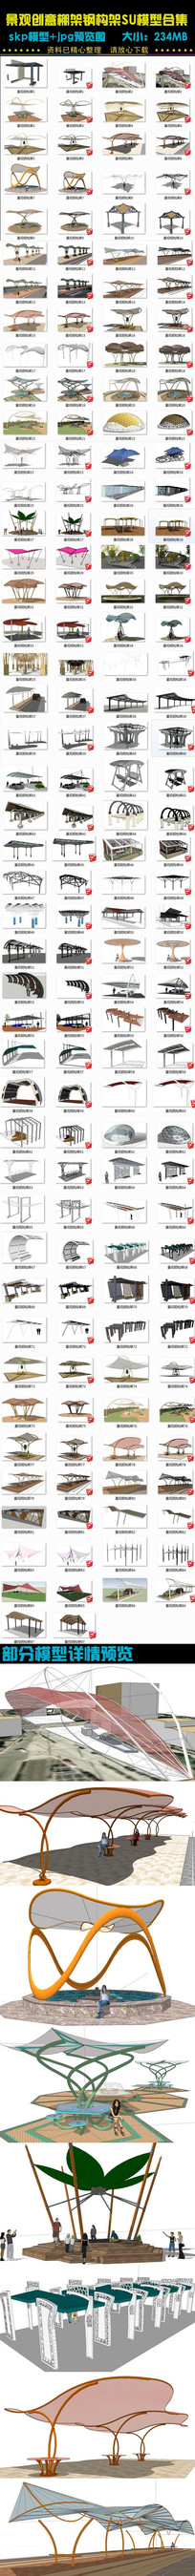 景观创意棚架钢构架SU汇总